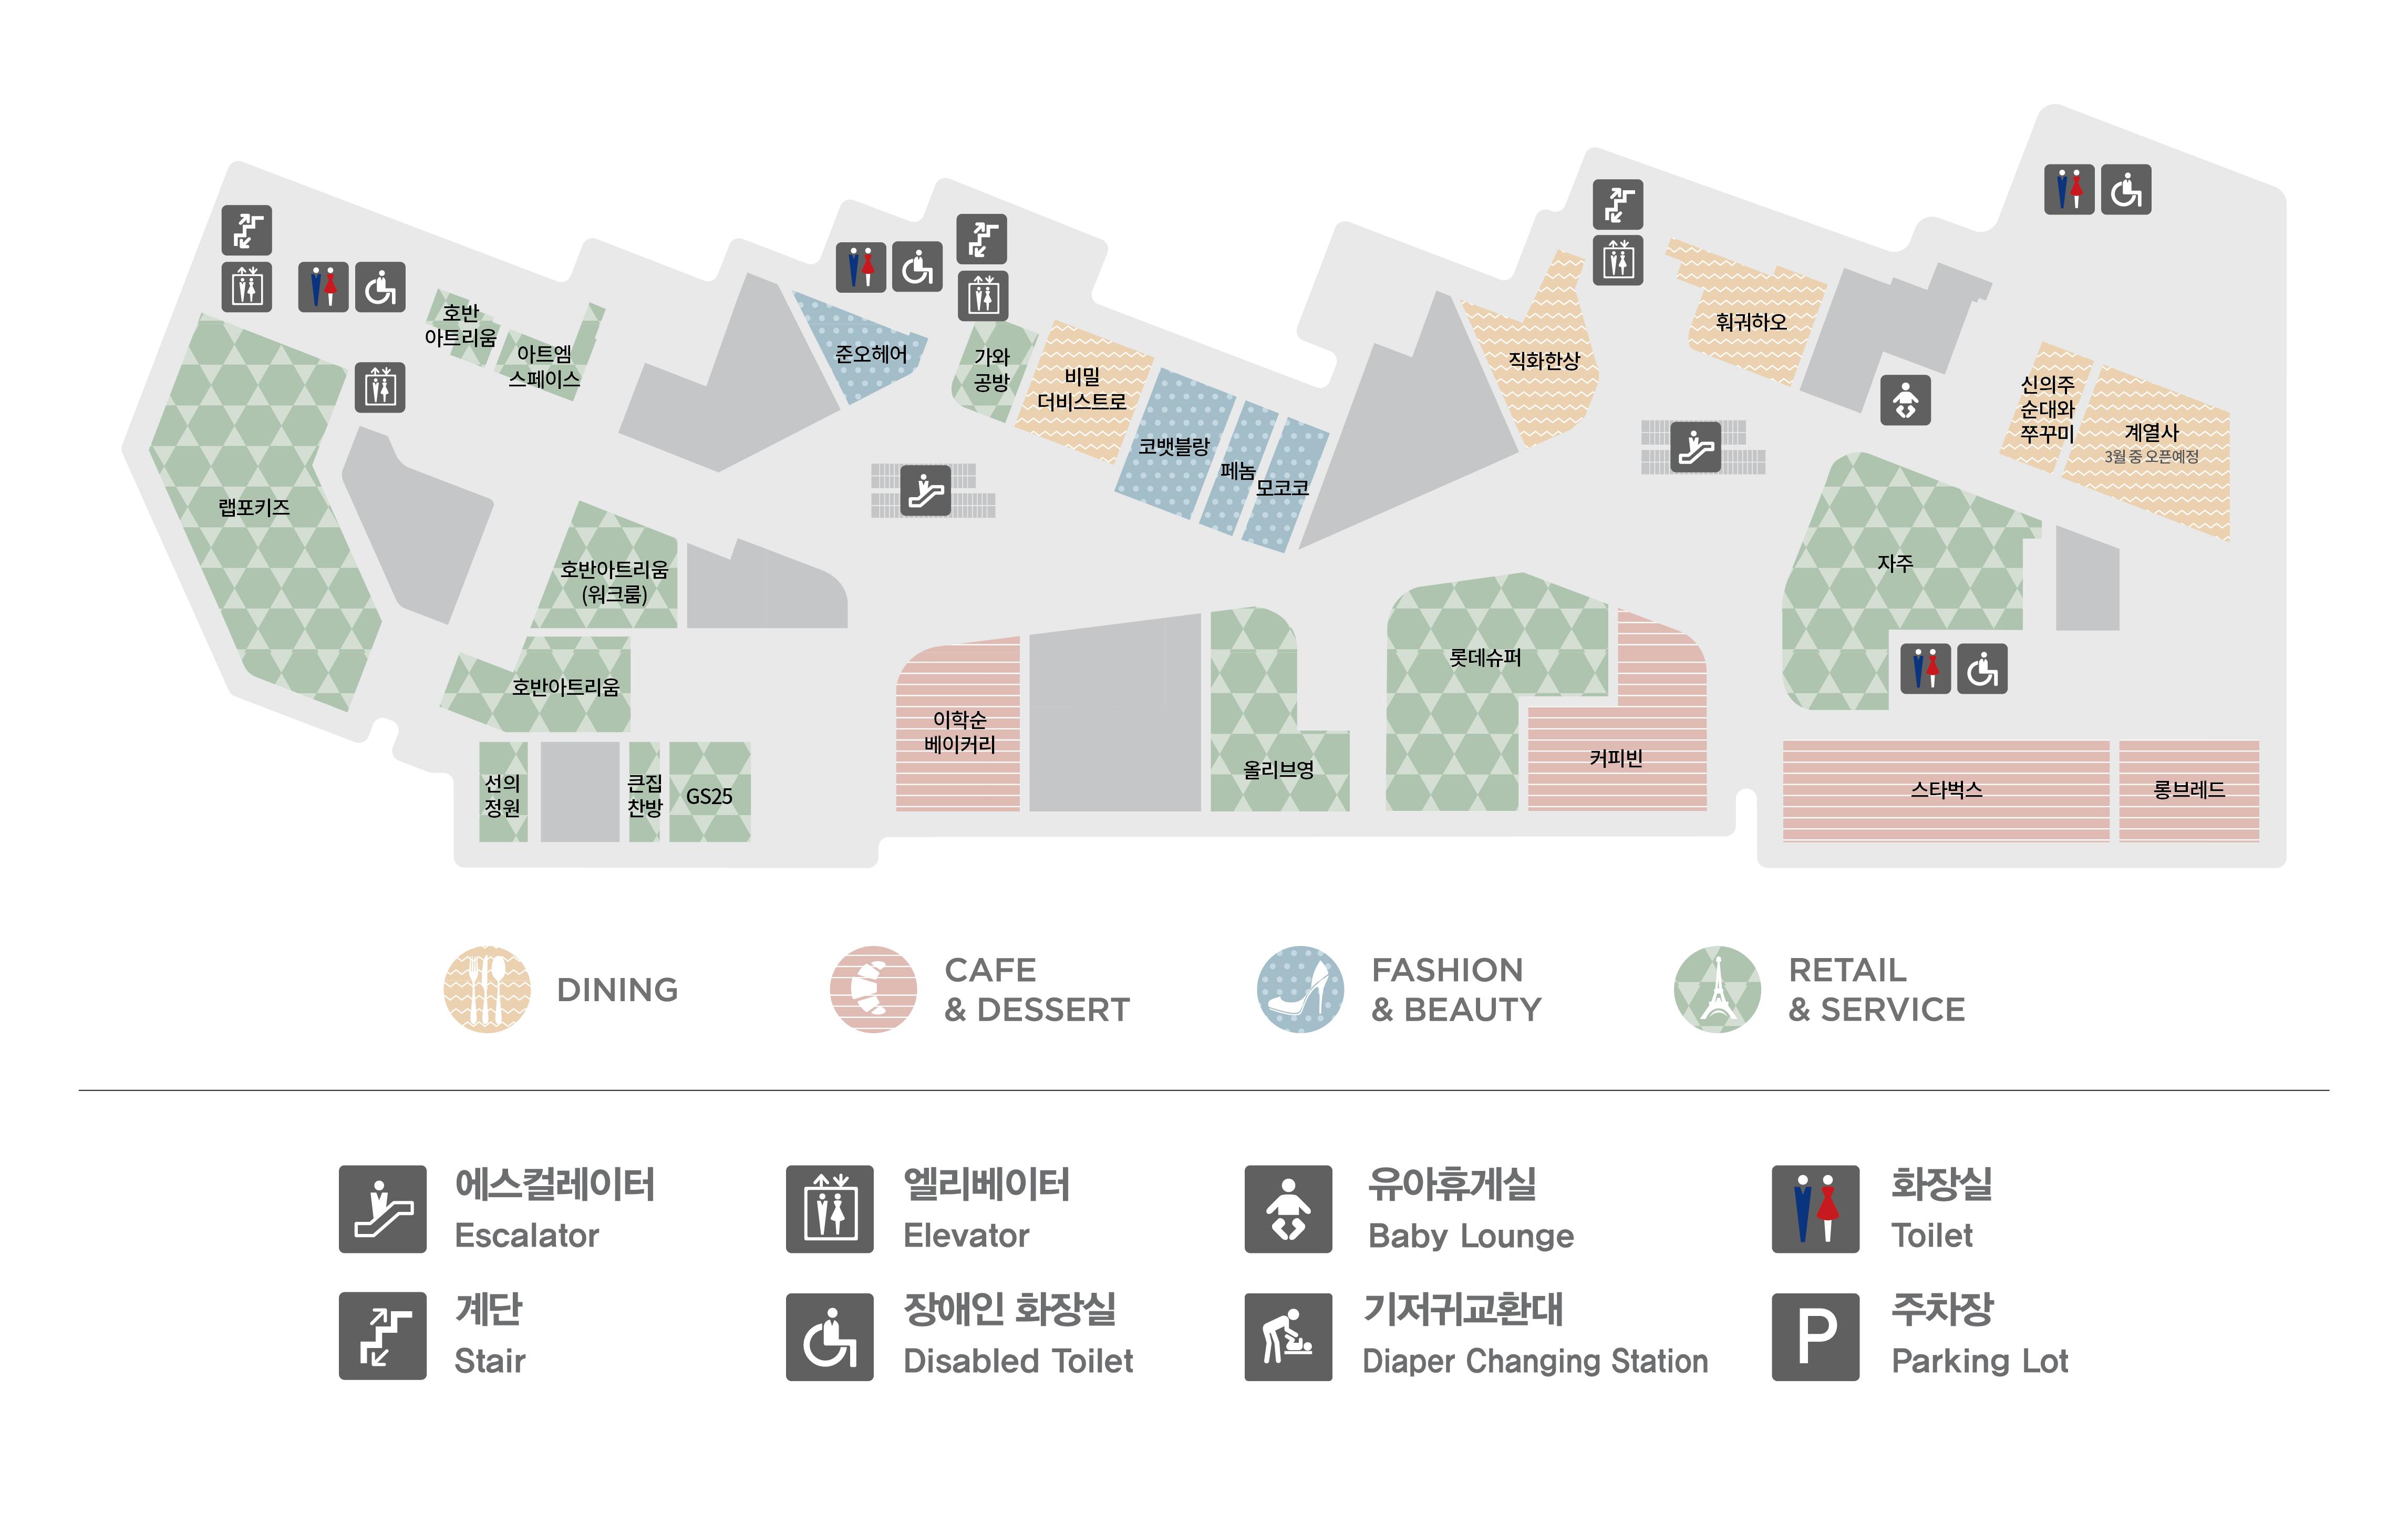 광명점 1층 매장 지도입니다. 1층에는 랩포키즈, 호반 아트리움(수장고), 아트엠 스페이스, 준오헤어, 가와공방, 코뱃블랑, 페놈, 테리베리 키즈앤맘, 신의주 순대와 쭈꾸미, 스타벅스, 커피빈, 롯데슈퍼, 올리브영, GS25, 선의 정원, 호반아트리움(아트샵), 이학순베이커리 총 18개 매장이 입점해있습니다. 또한 화장실 총 3개, 에스컬레이터, 엘레베이터, 비상계단, 유아휴게실이 있습니다.